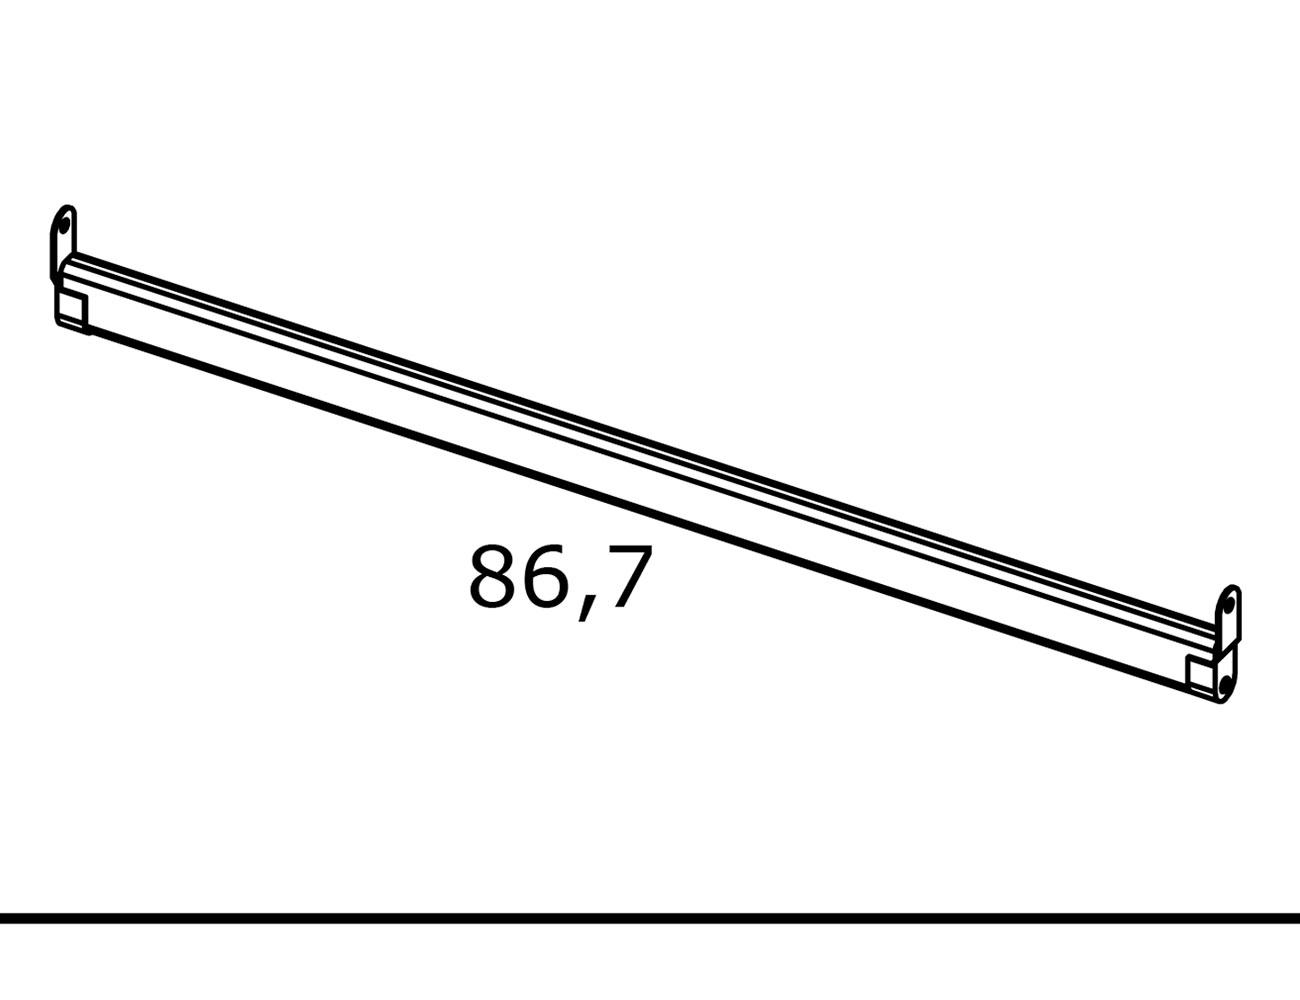 Cnx160